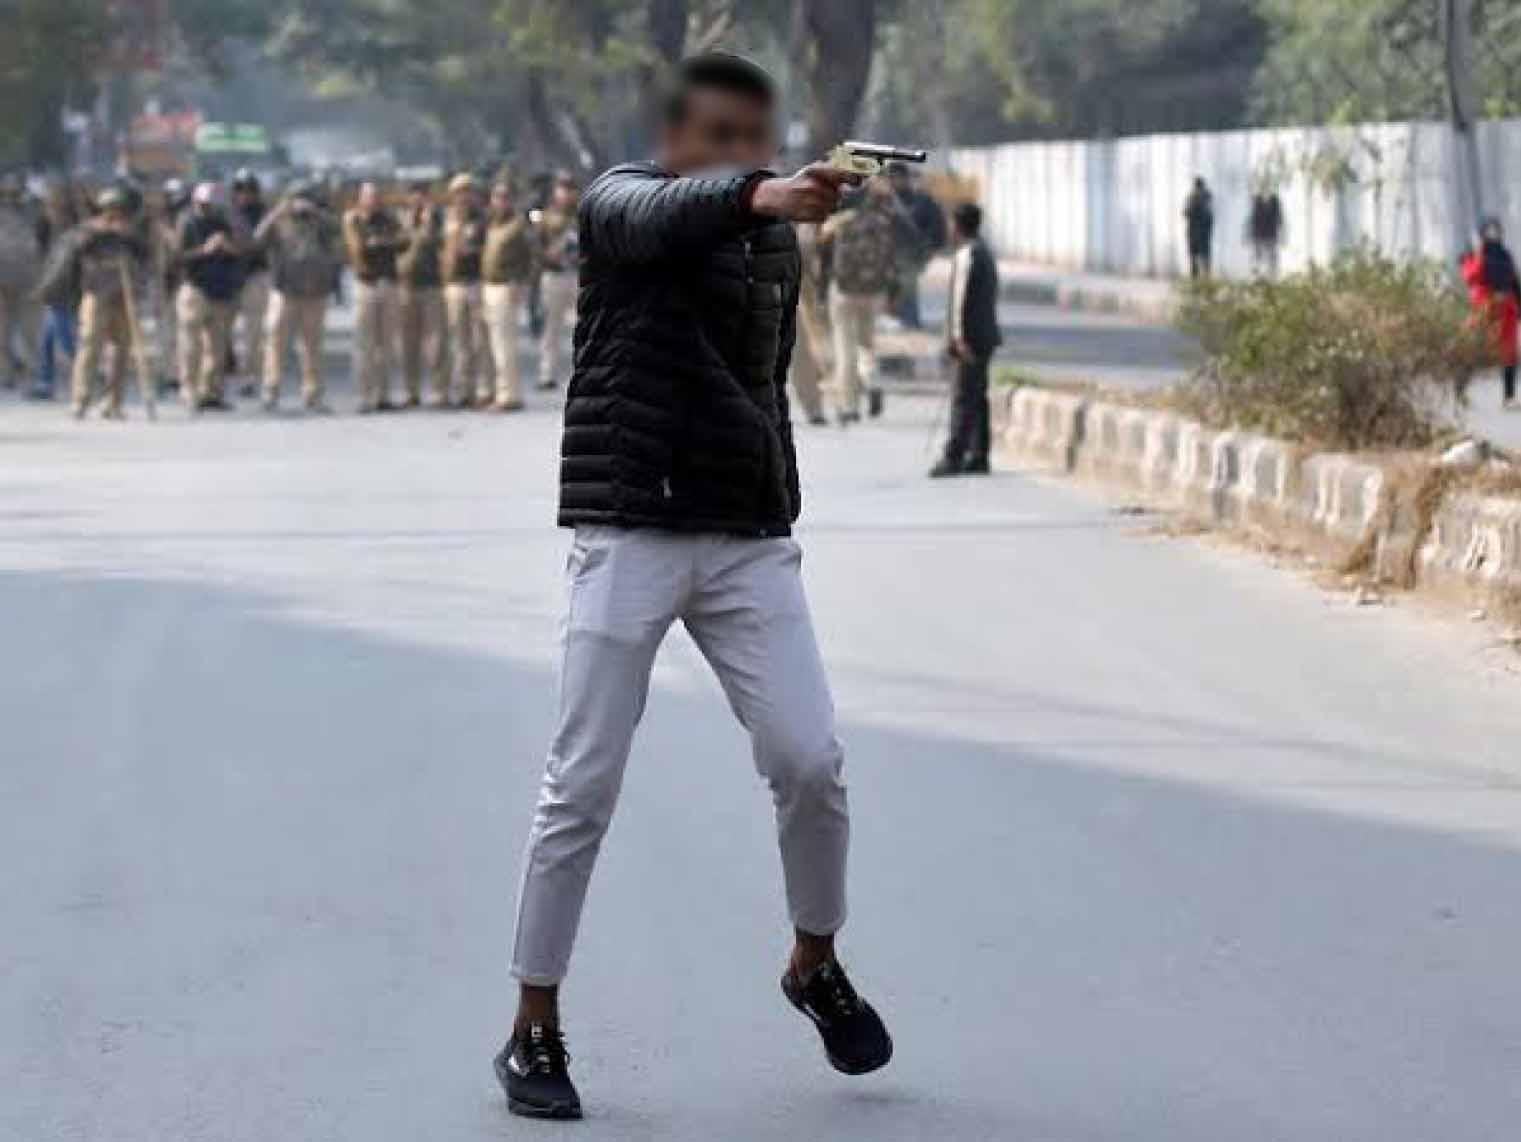 शाहीन बाग में प्रदर्शन के दौरान फायरिंग करने वाले गोपाल गुर्जर की यह फोटो दानिश ने खींची थी। इस फोटो ने उस वक्त राजधानी दिल्ली का बिगड़ा माहौल दिखाया था। (फोटो- रॉयटर्स)